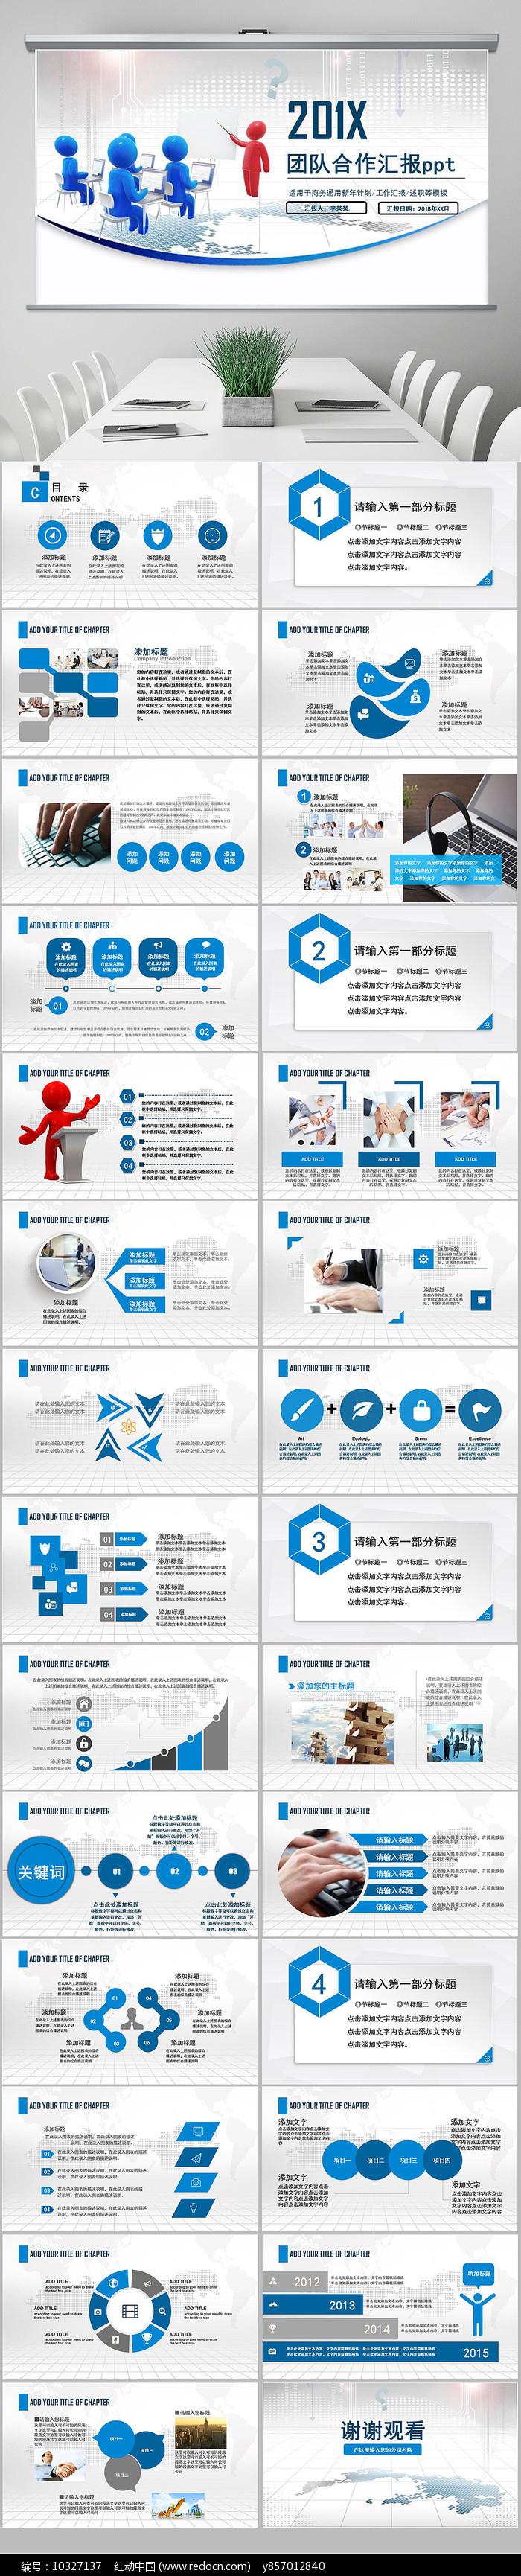 企业文化团队合作精神培训PPT动态模板图片